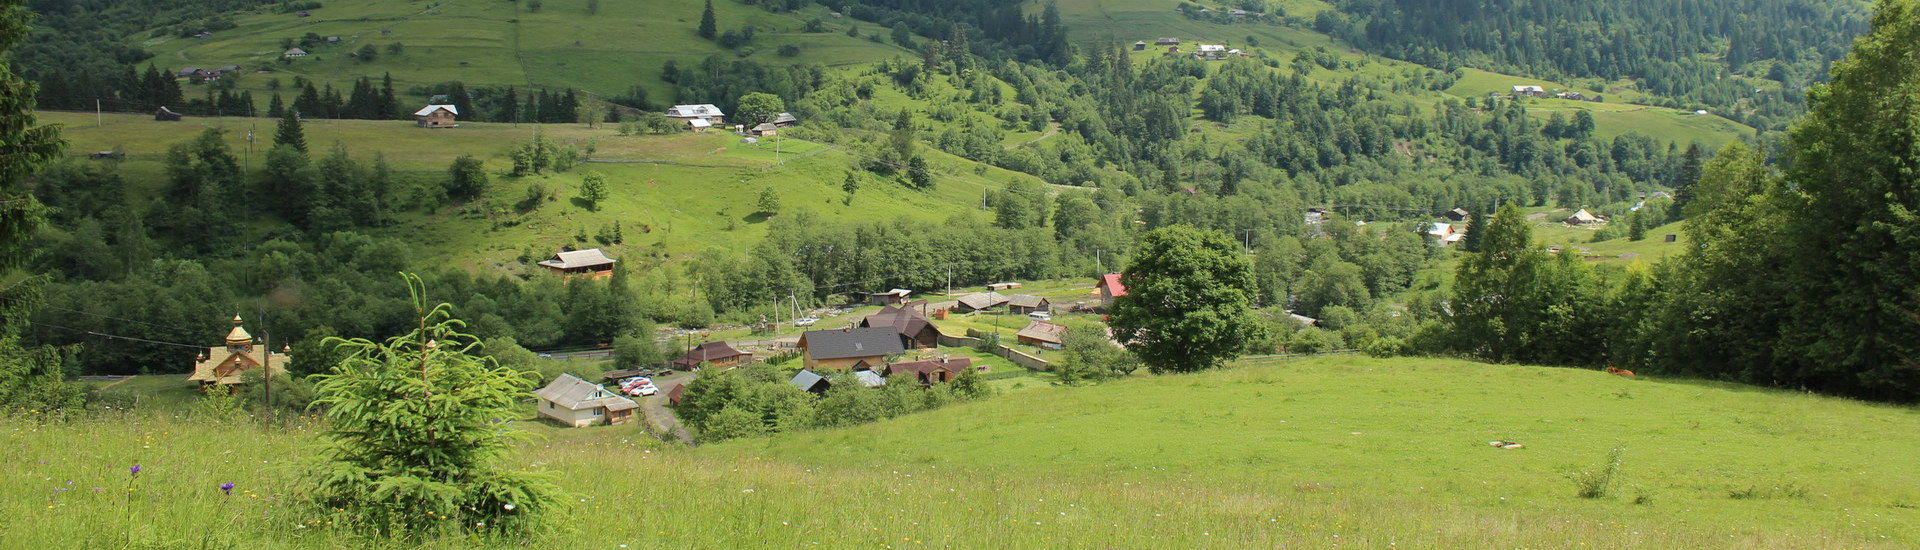 Дземброня - туристичне село в Карпатах